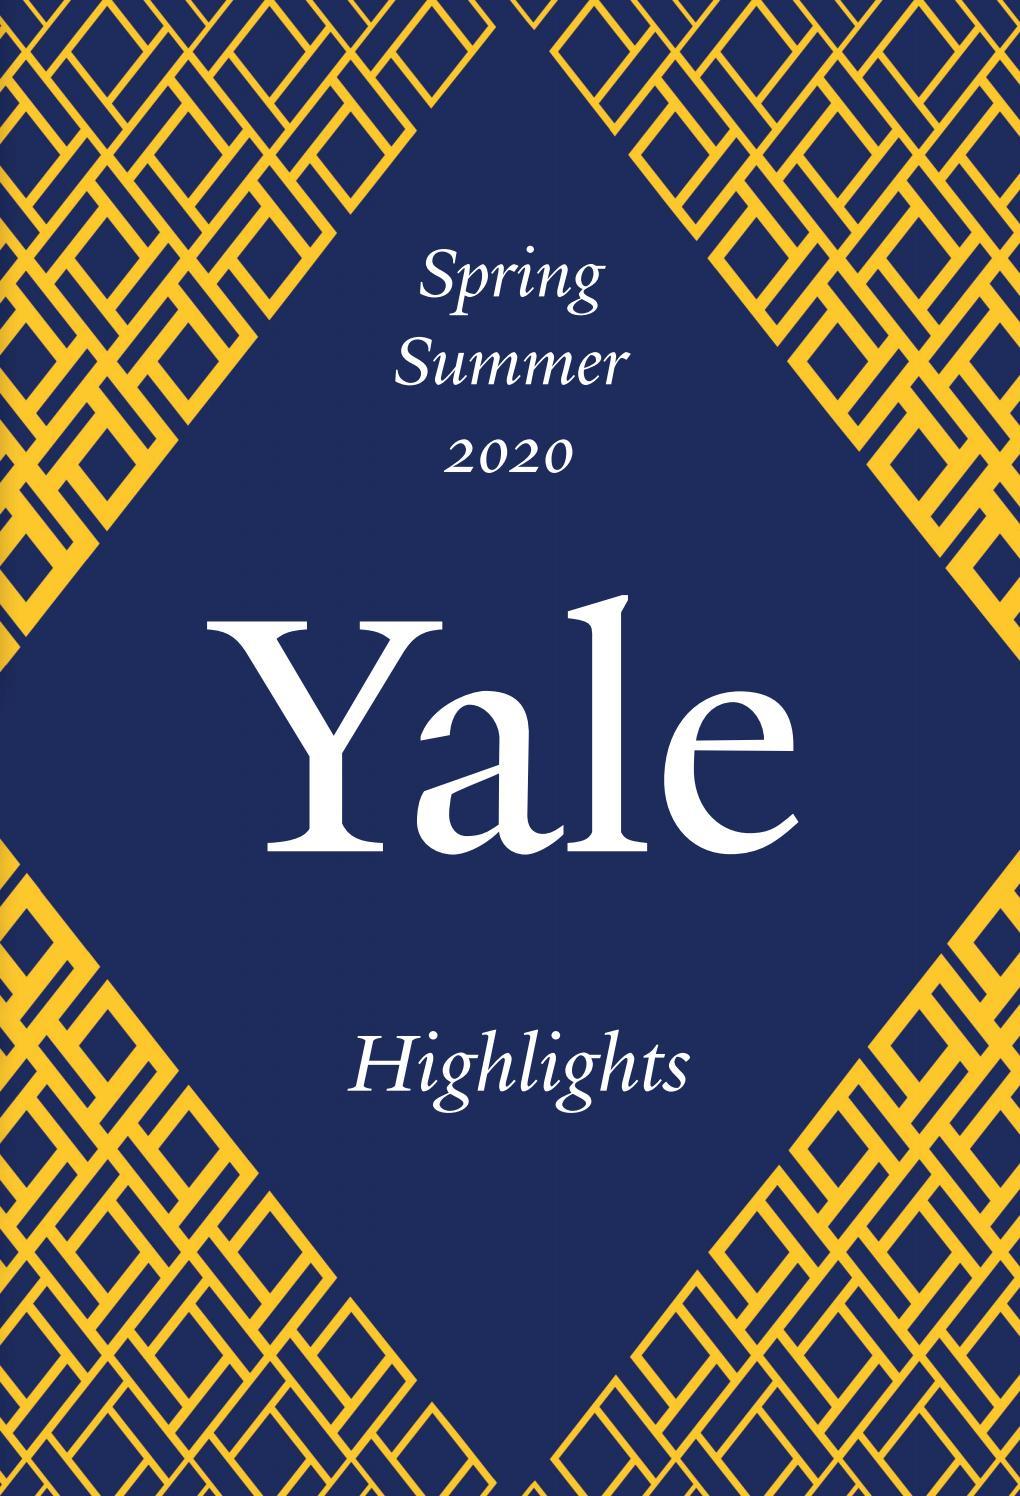 Yale Spring 2020 Highlightsyale University Press, London